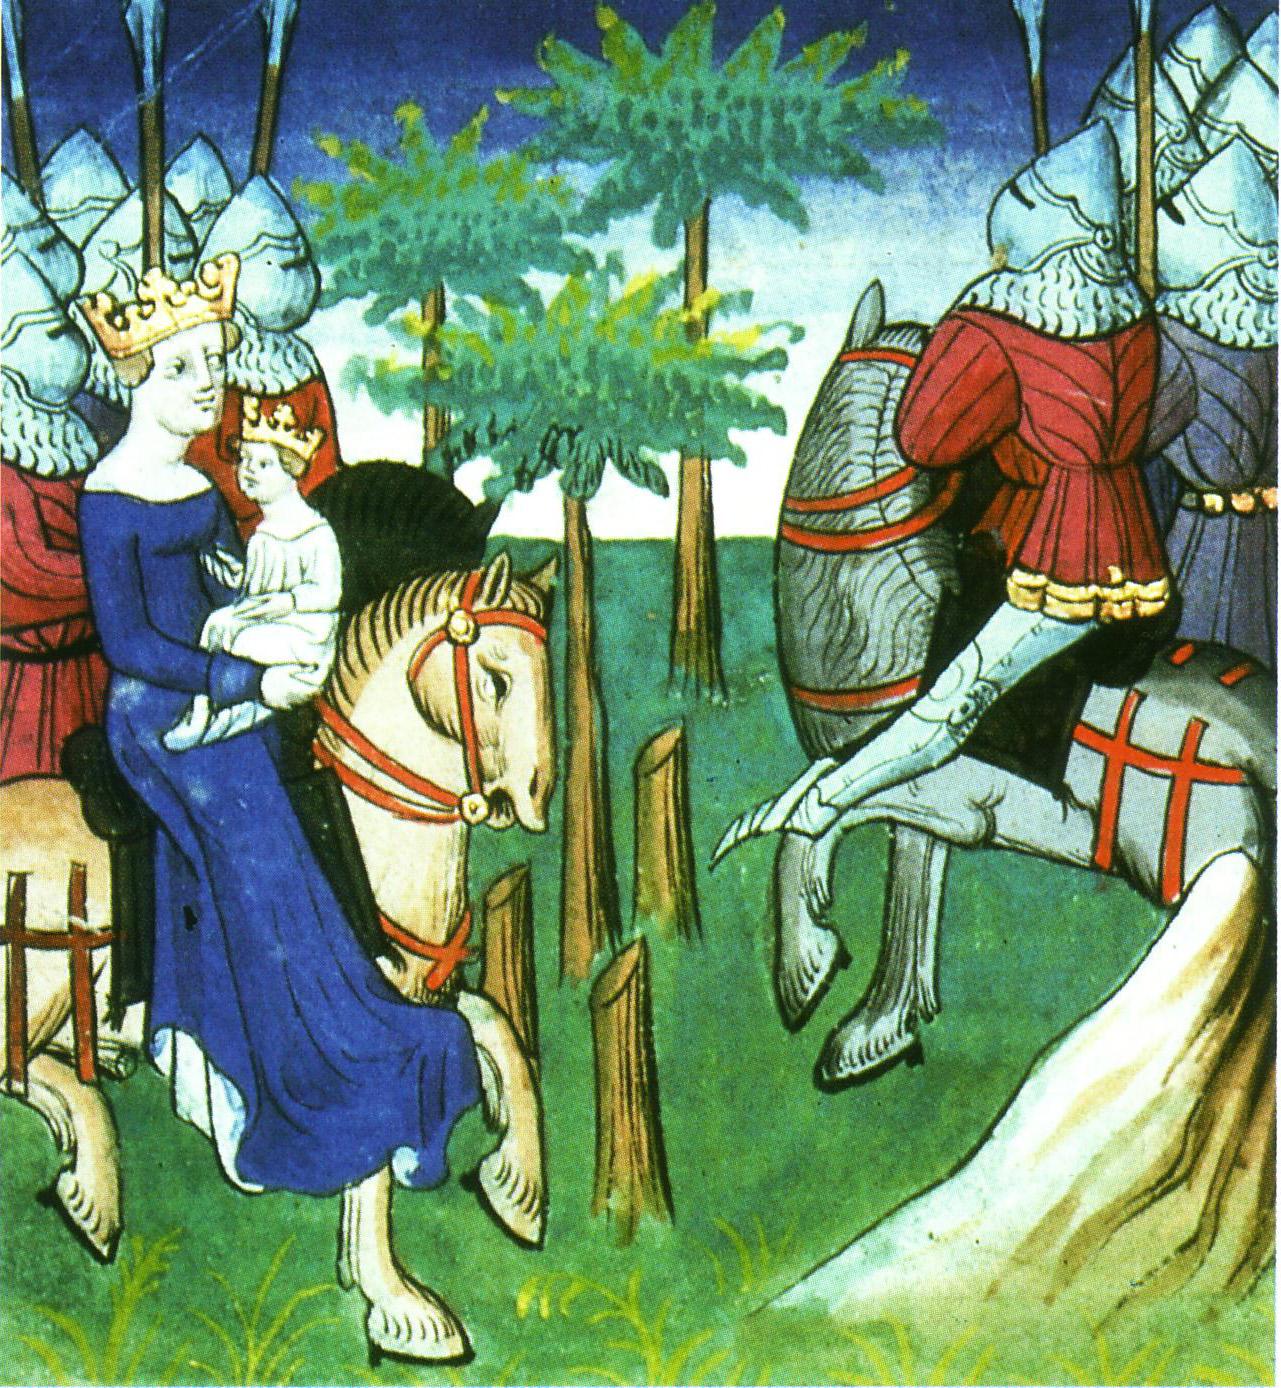 Cette illustration montre, à gauche, la reine Frédégonde juchée à cheval, son fils en bas âge sur ses genoux. Elle est suivie par une demi-douzaine d'hommes à cheval en arme et armures. Face à eux, les soldats également à cheval de l'armée de Childebert II.